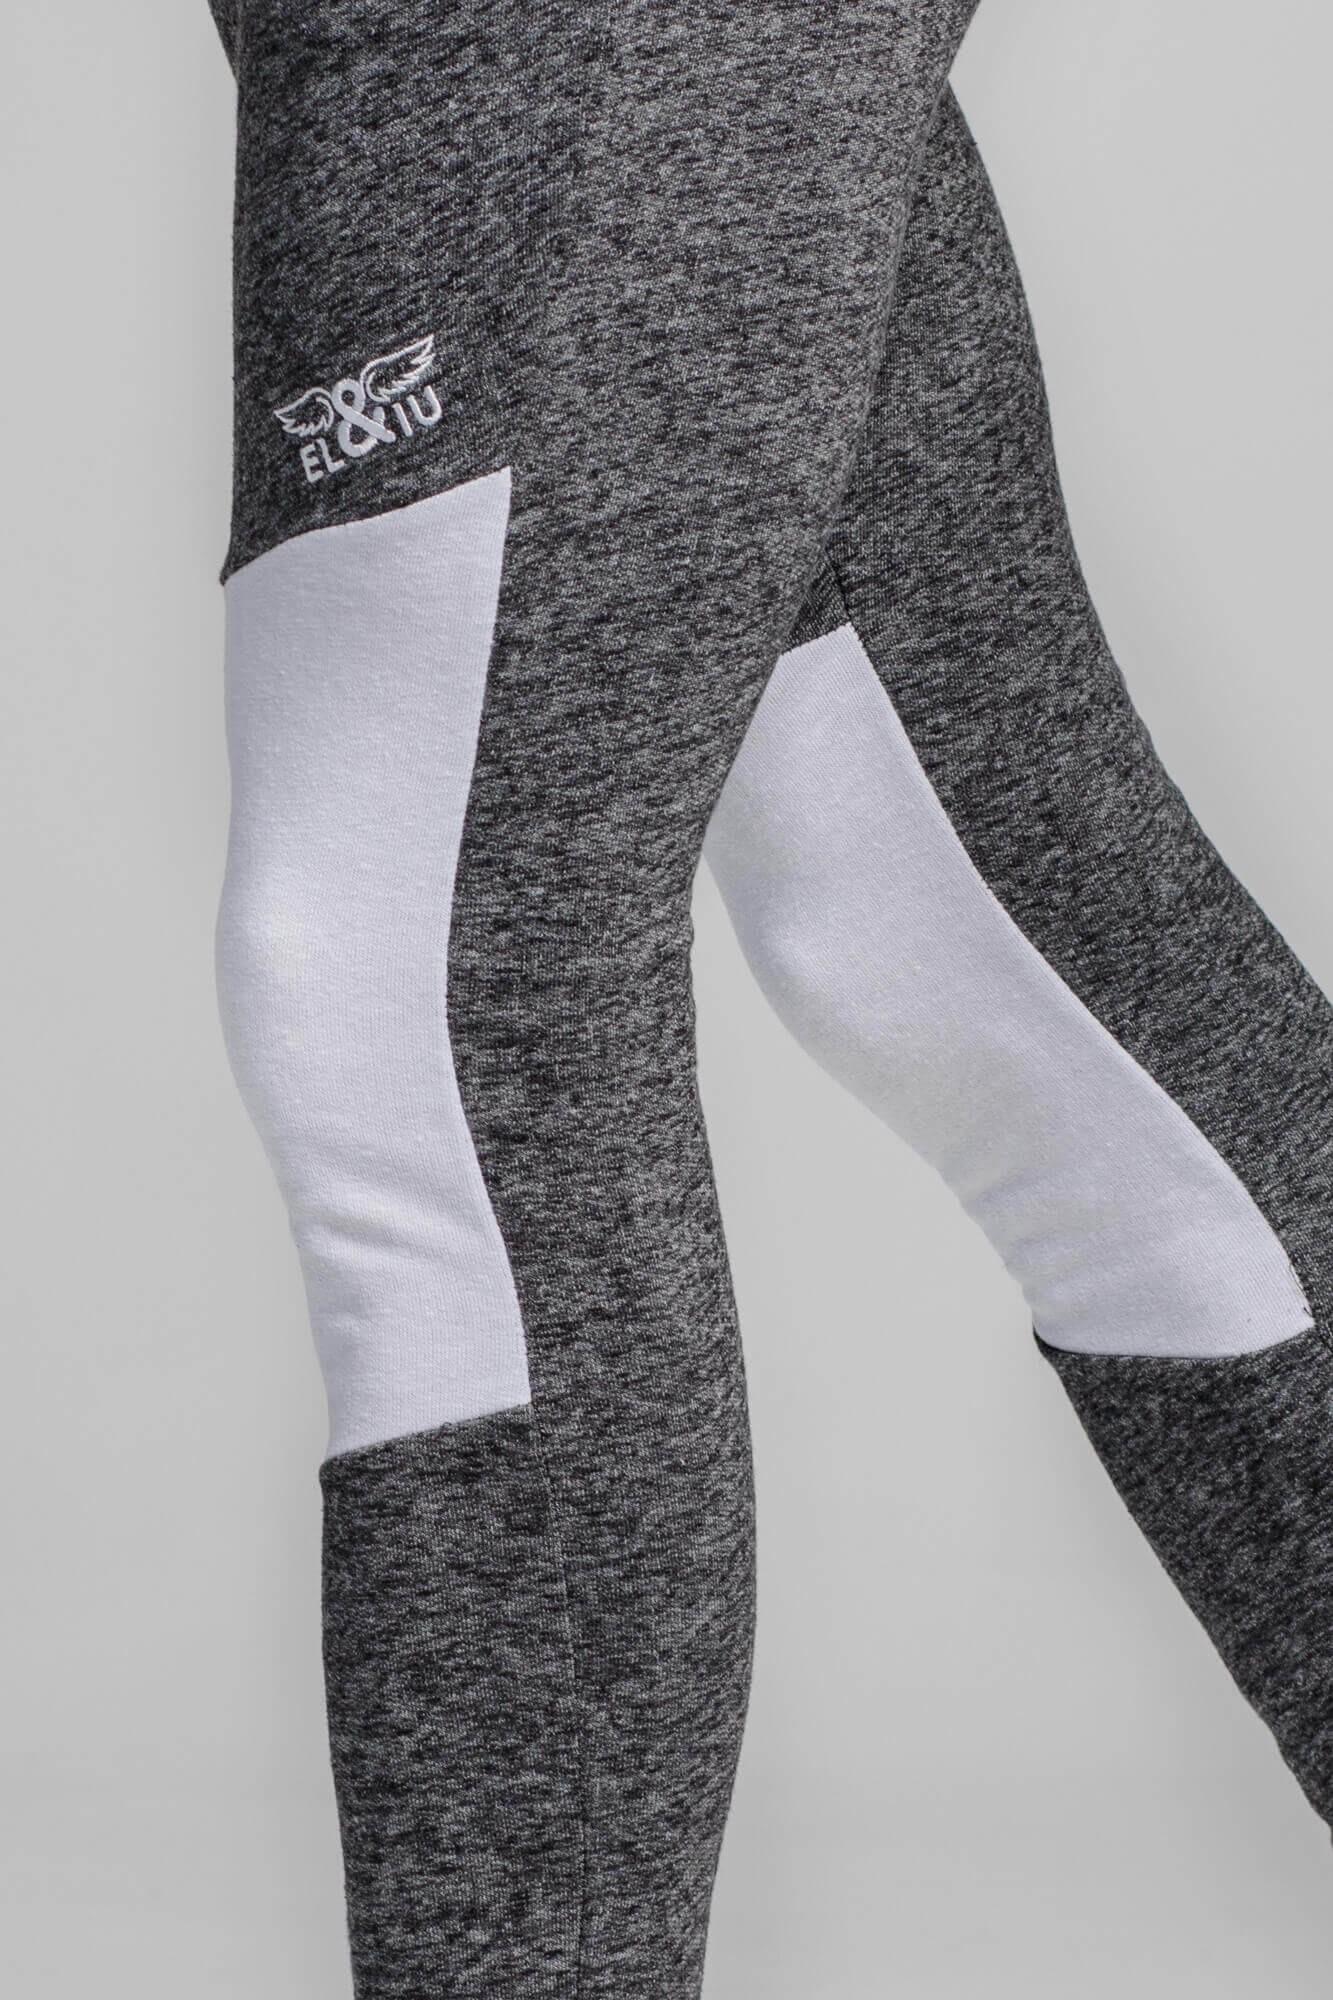 Pantalones deportivos Triangle, slim fit y 100% algodón. Estilo urbano de la marca ELIU, moda casual y urbana.